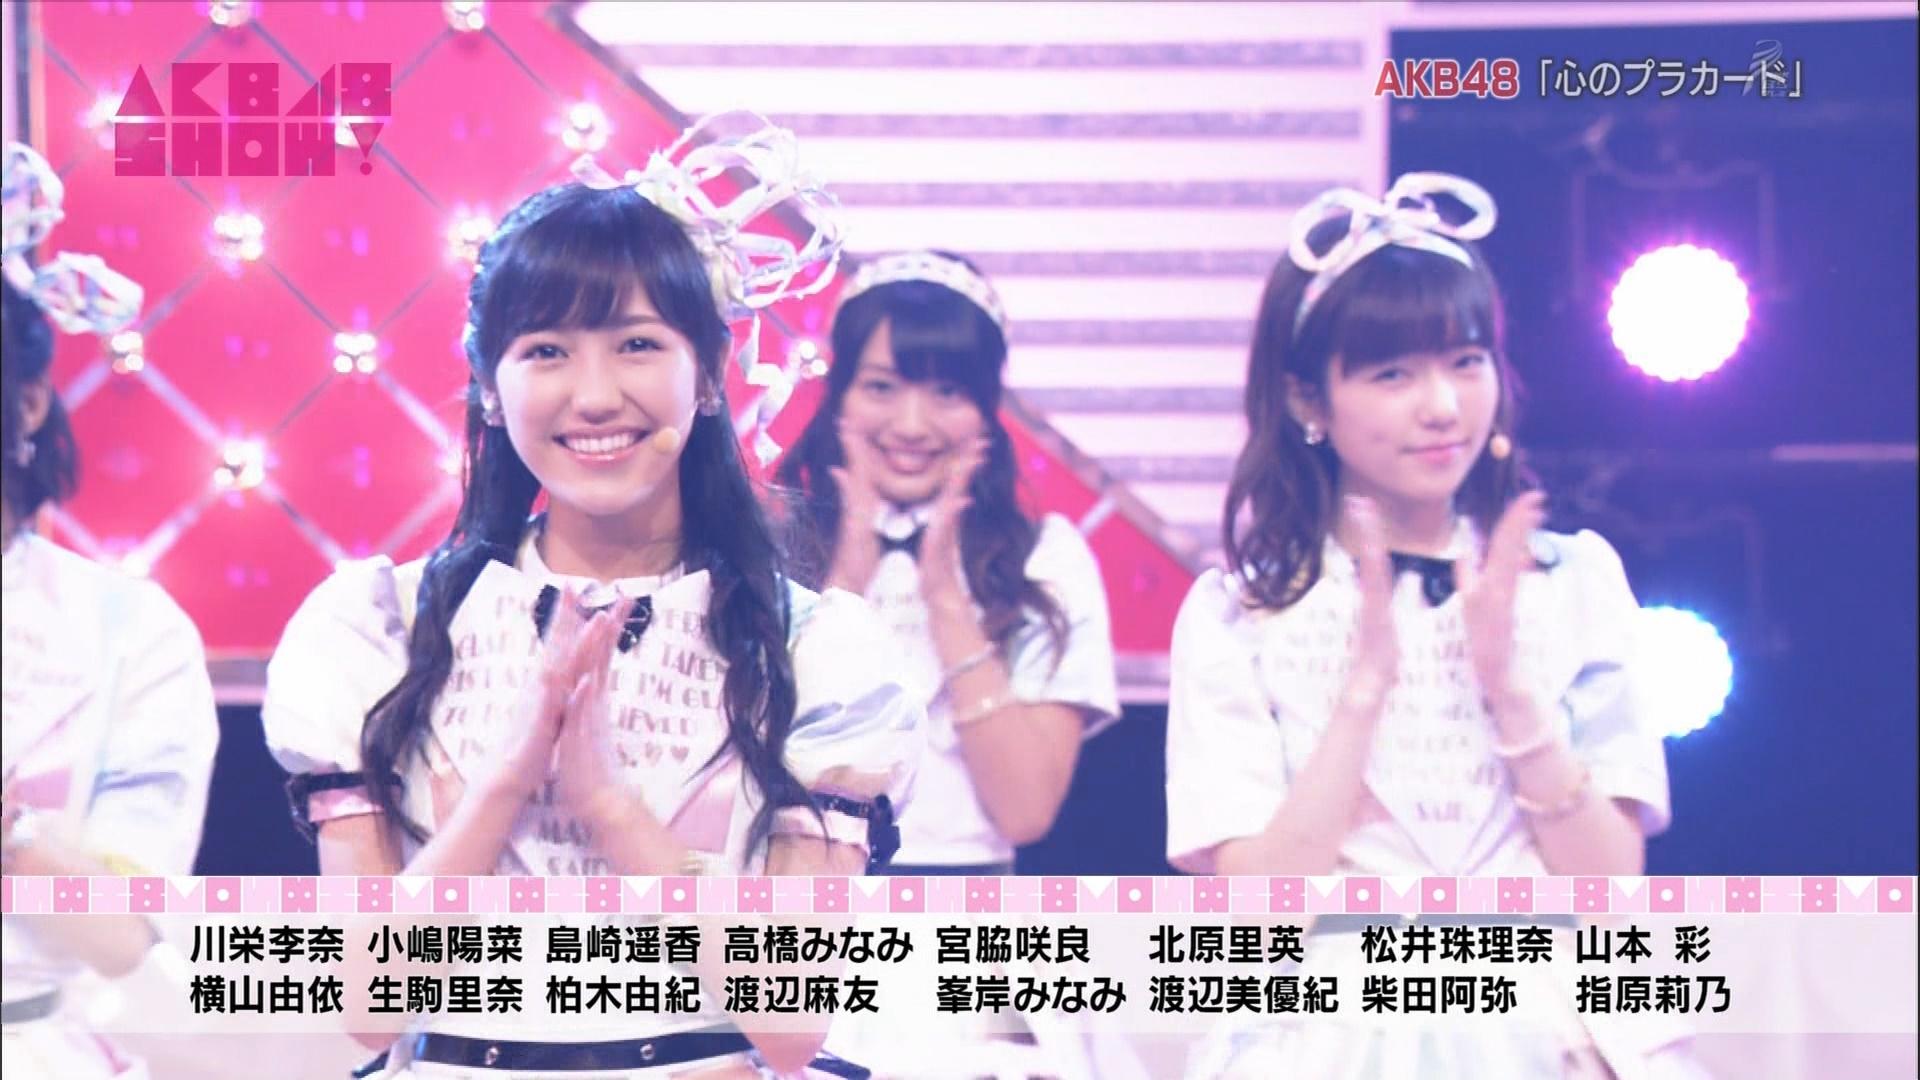 AKB48SHOW 心のプラカード 渡辺麻友 20140830 (9)